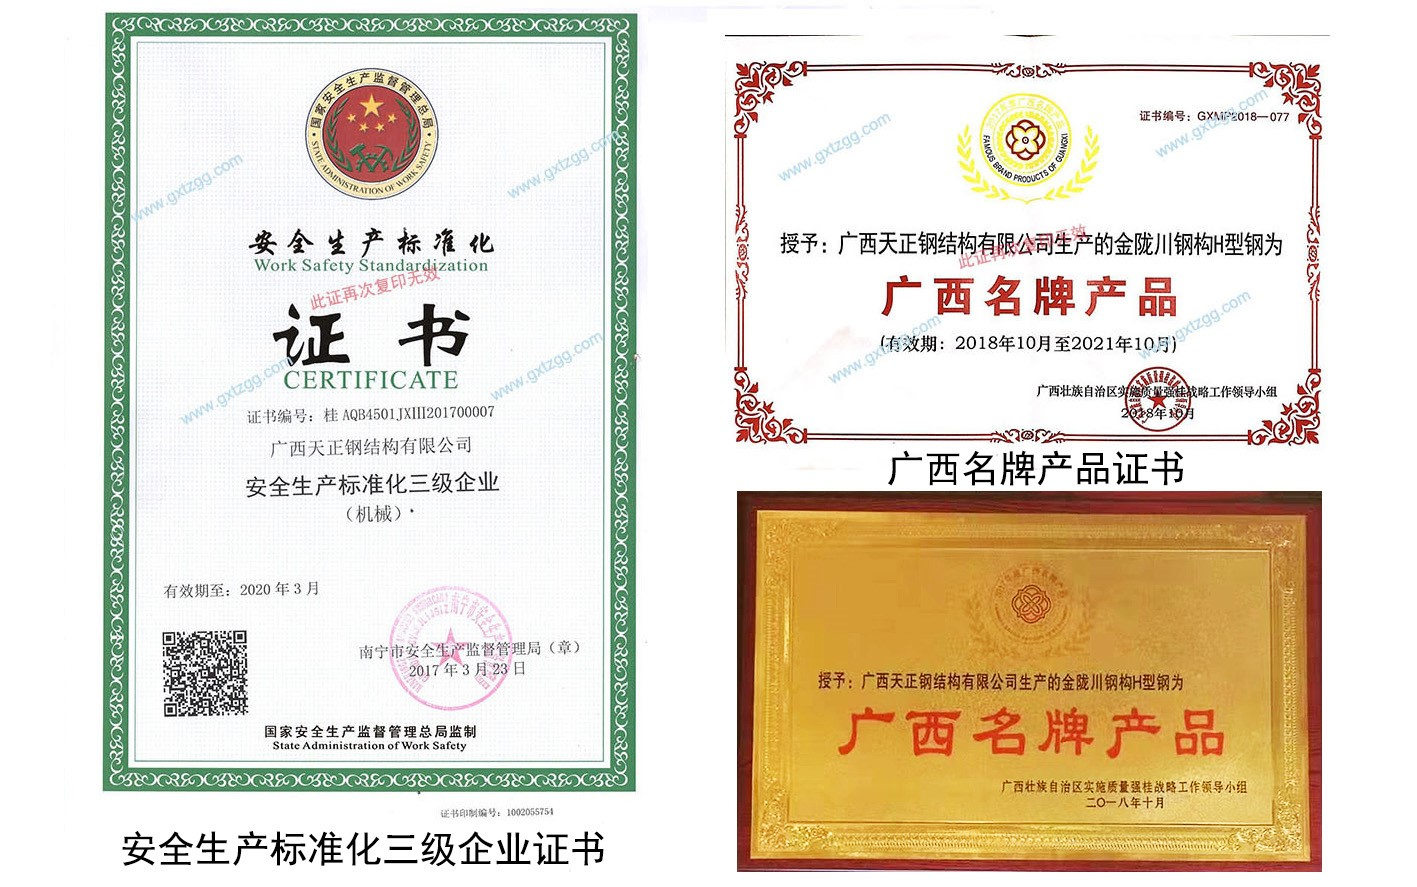 钢结构公司荣誉